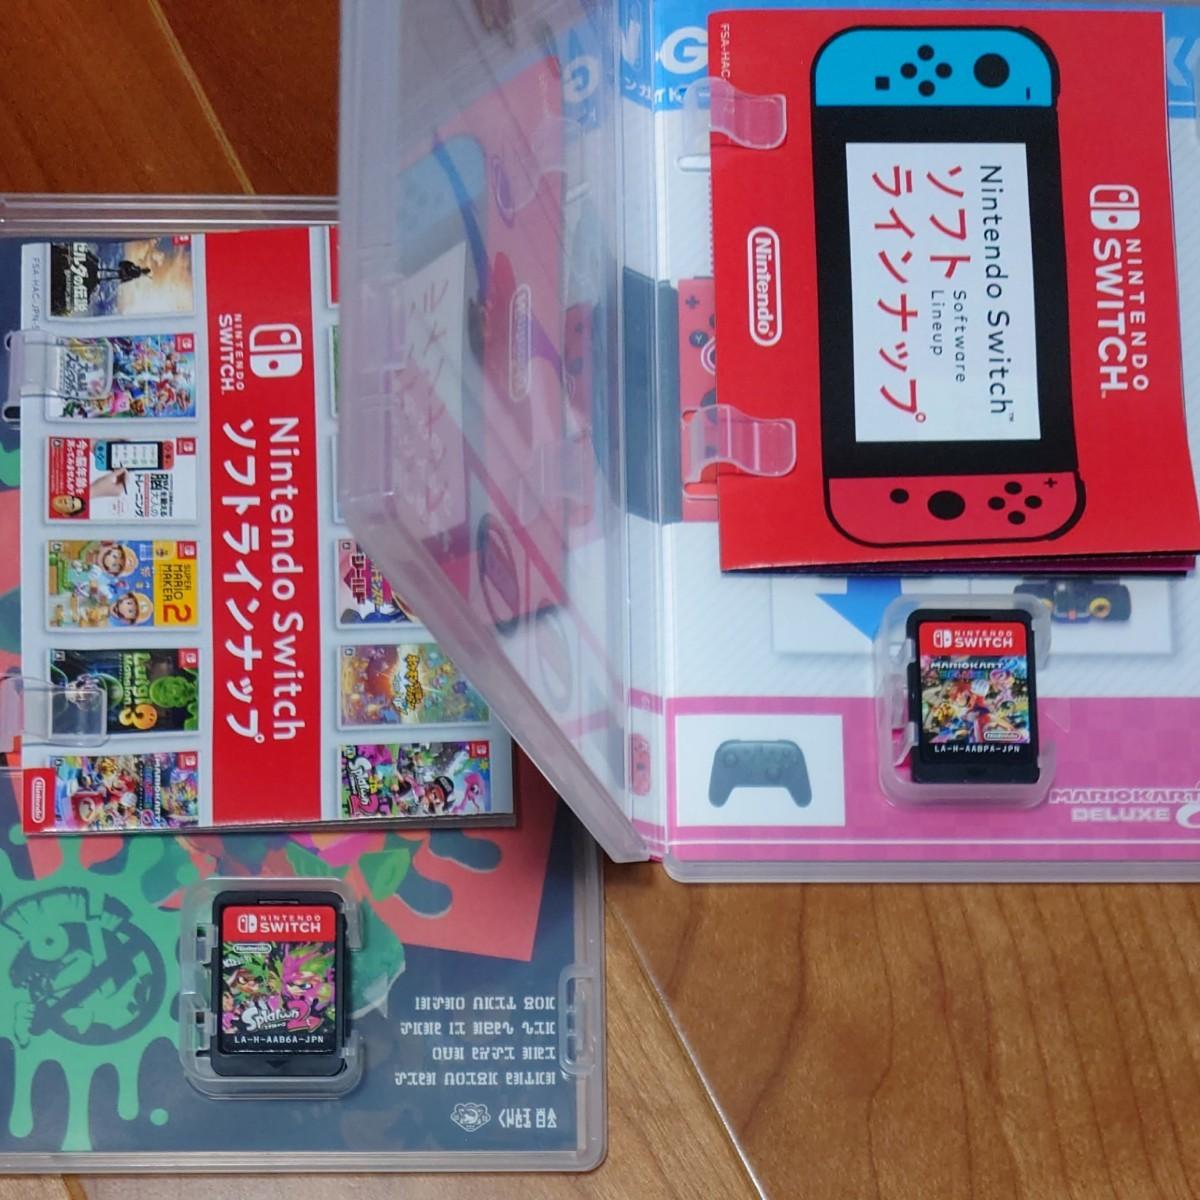 Nintendo Switch スプラトゥーン2 マリオカート8 セット